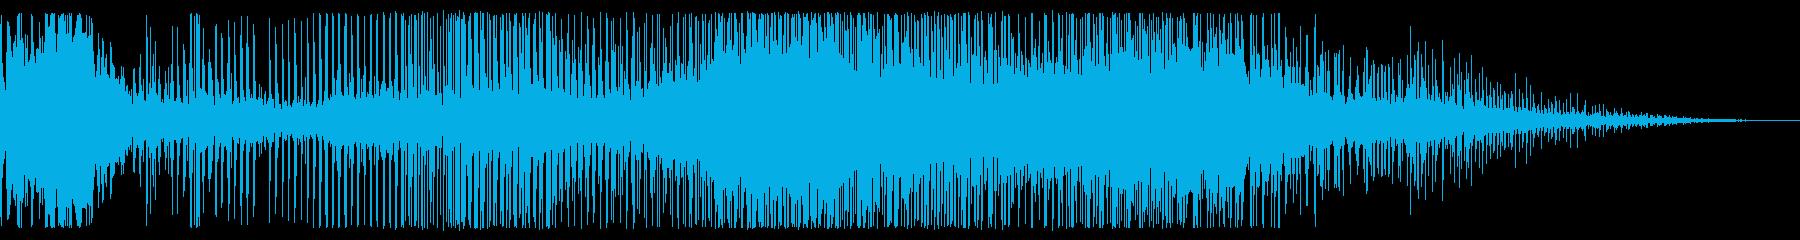 クリーク&ベル、データ処理、リング...の再生済みの波形